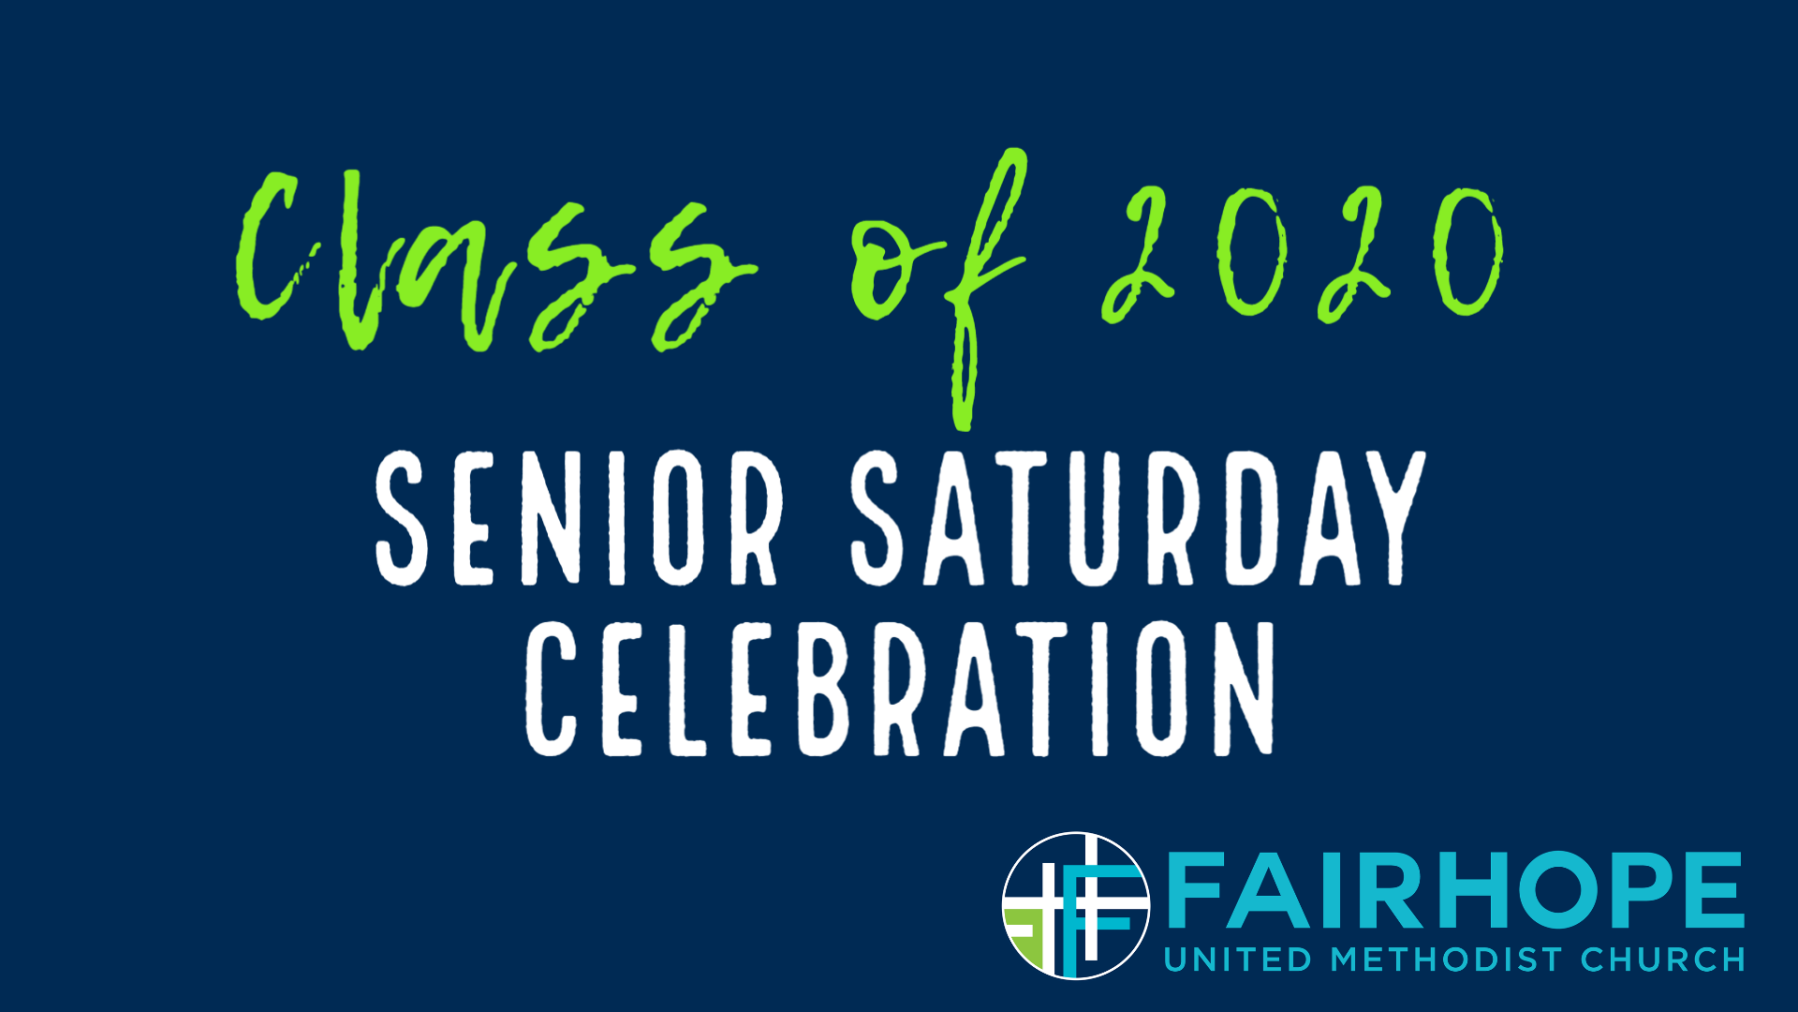 Senior Saturday Celebration